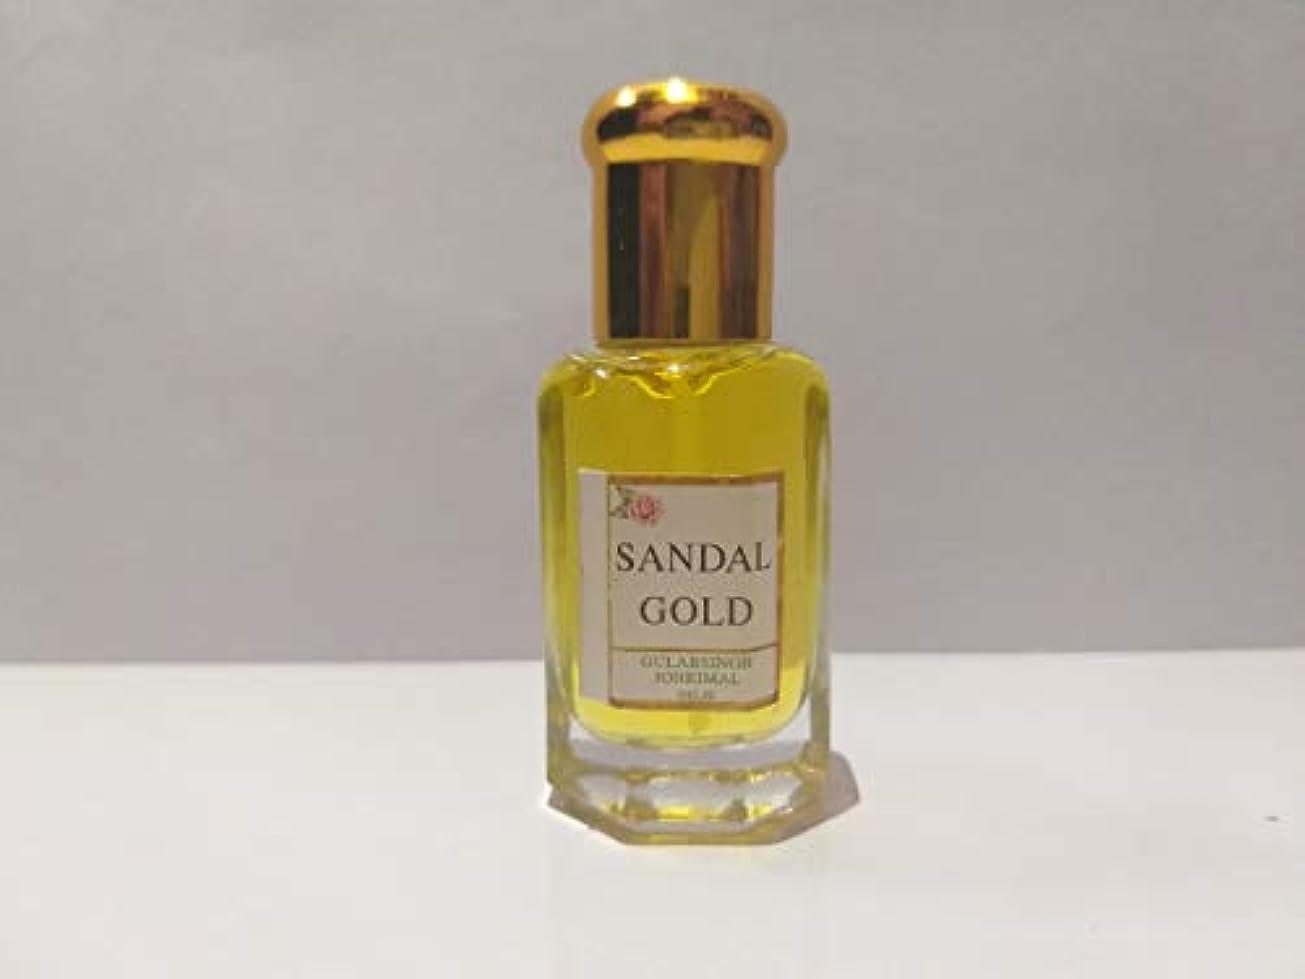 有能なアデレード複製Sandal/白檀 / Chandan Attar/Ittar concentrated Perfume Oil - 10ml Beautiful Aroma